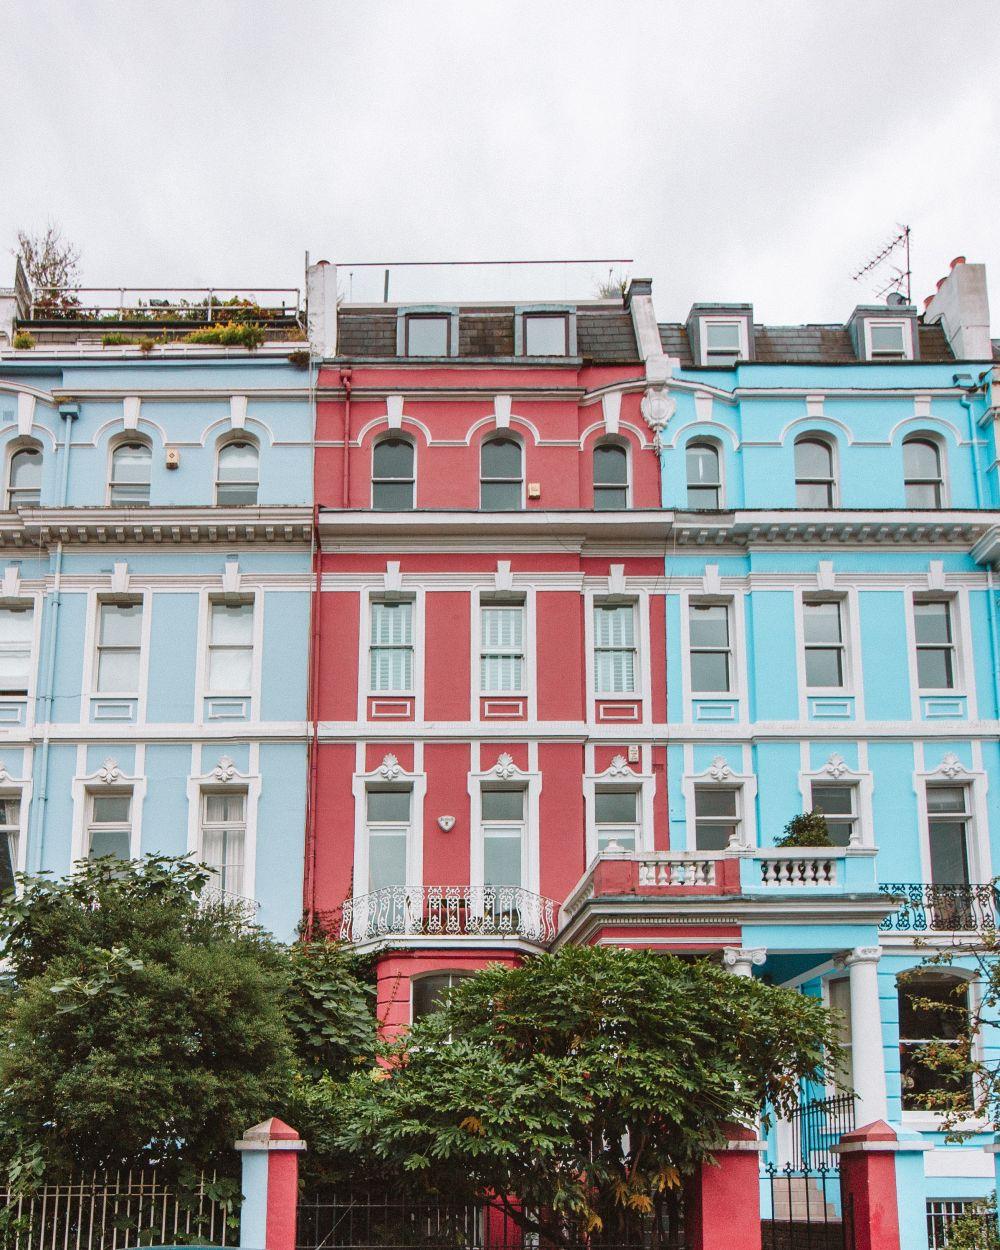 Instagram spots in Notting Hill